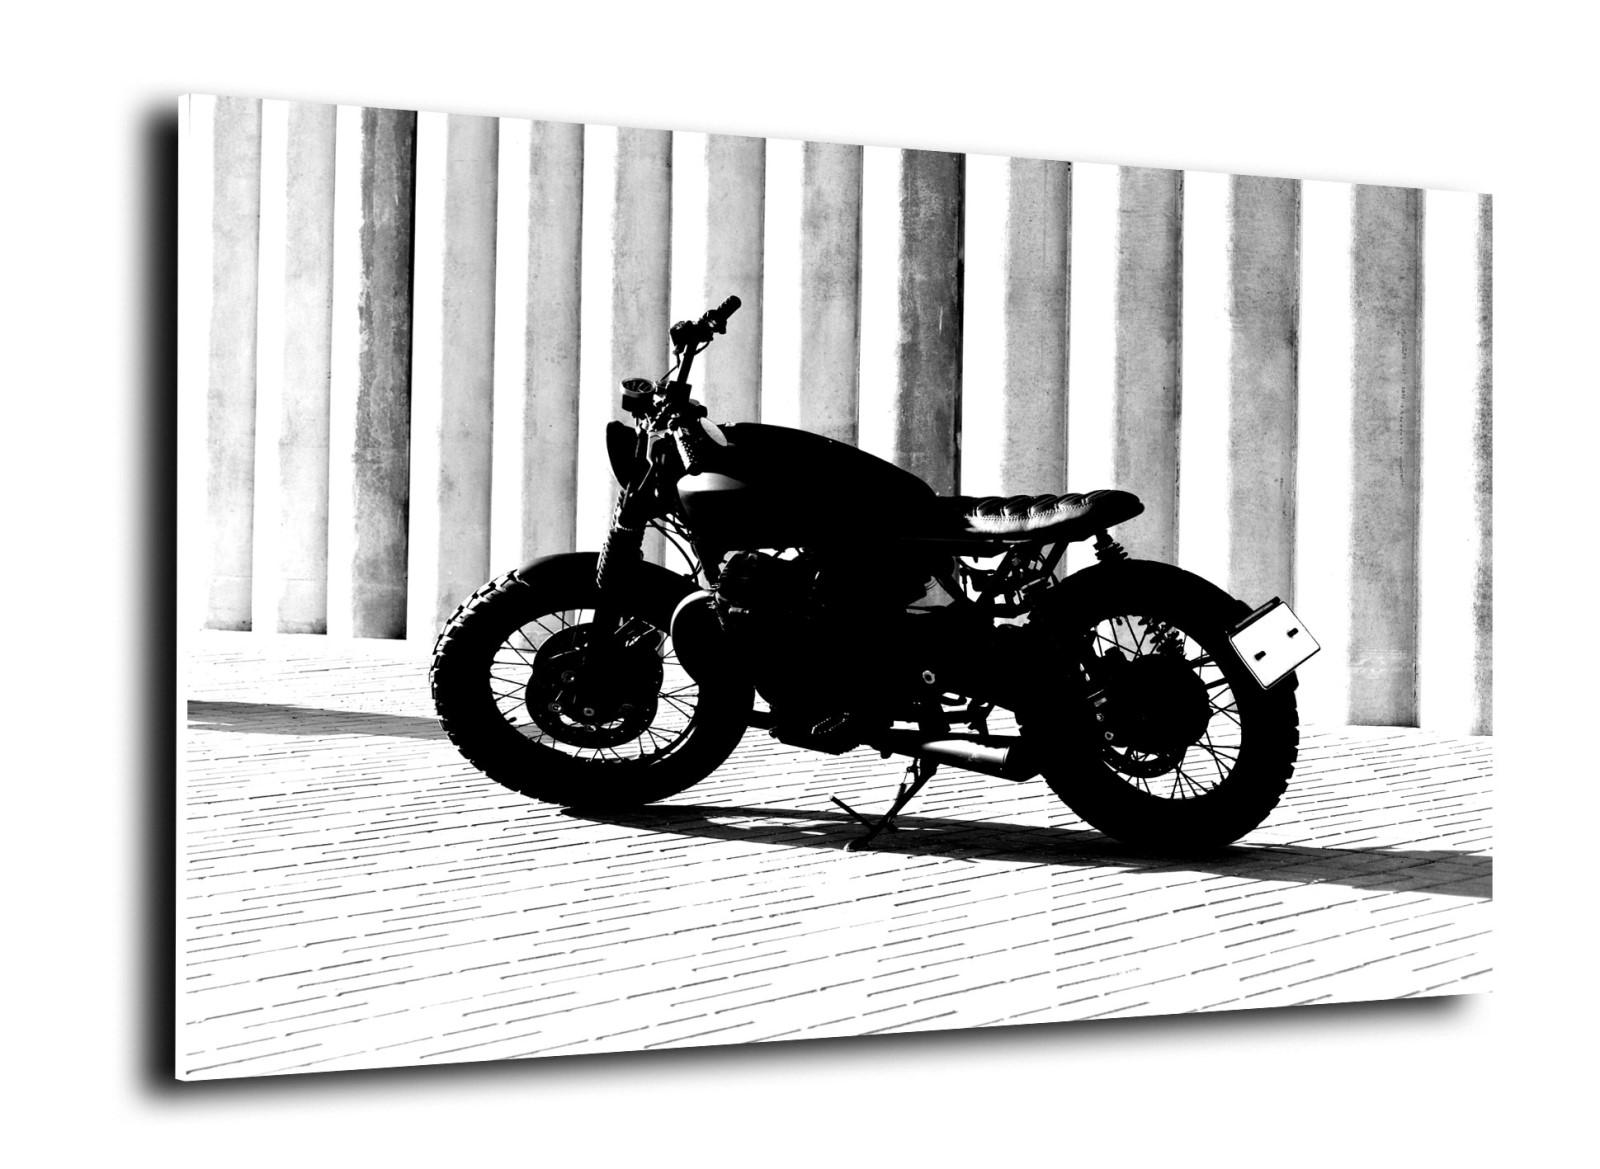 Véhicule - Moto